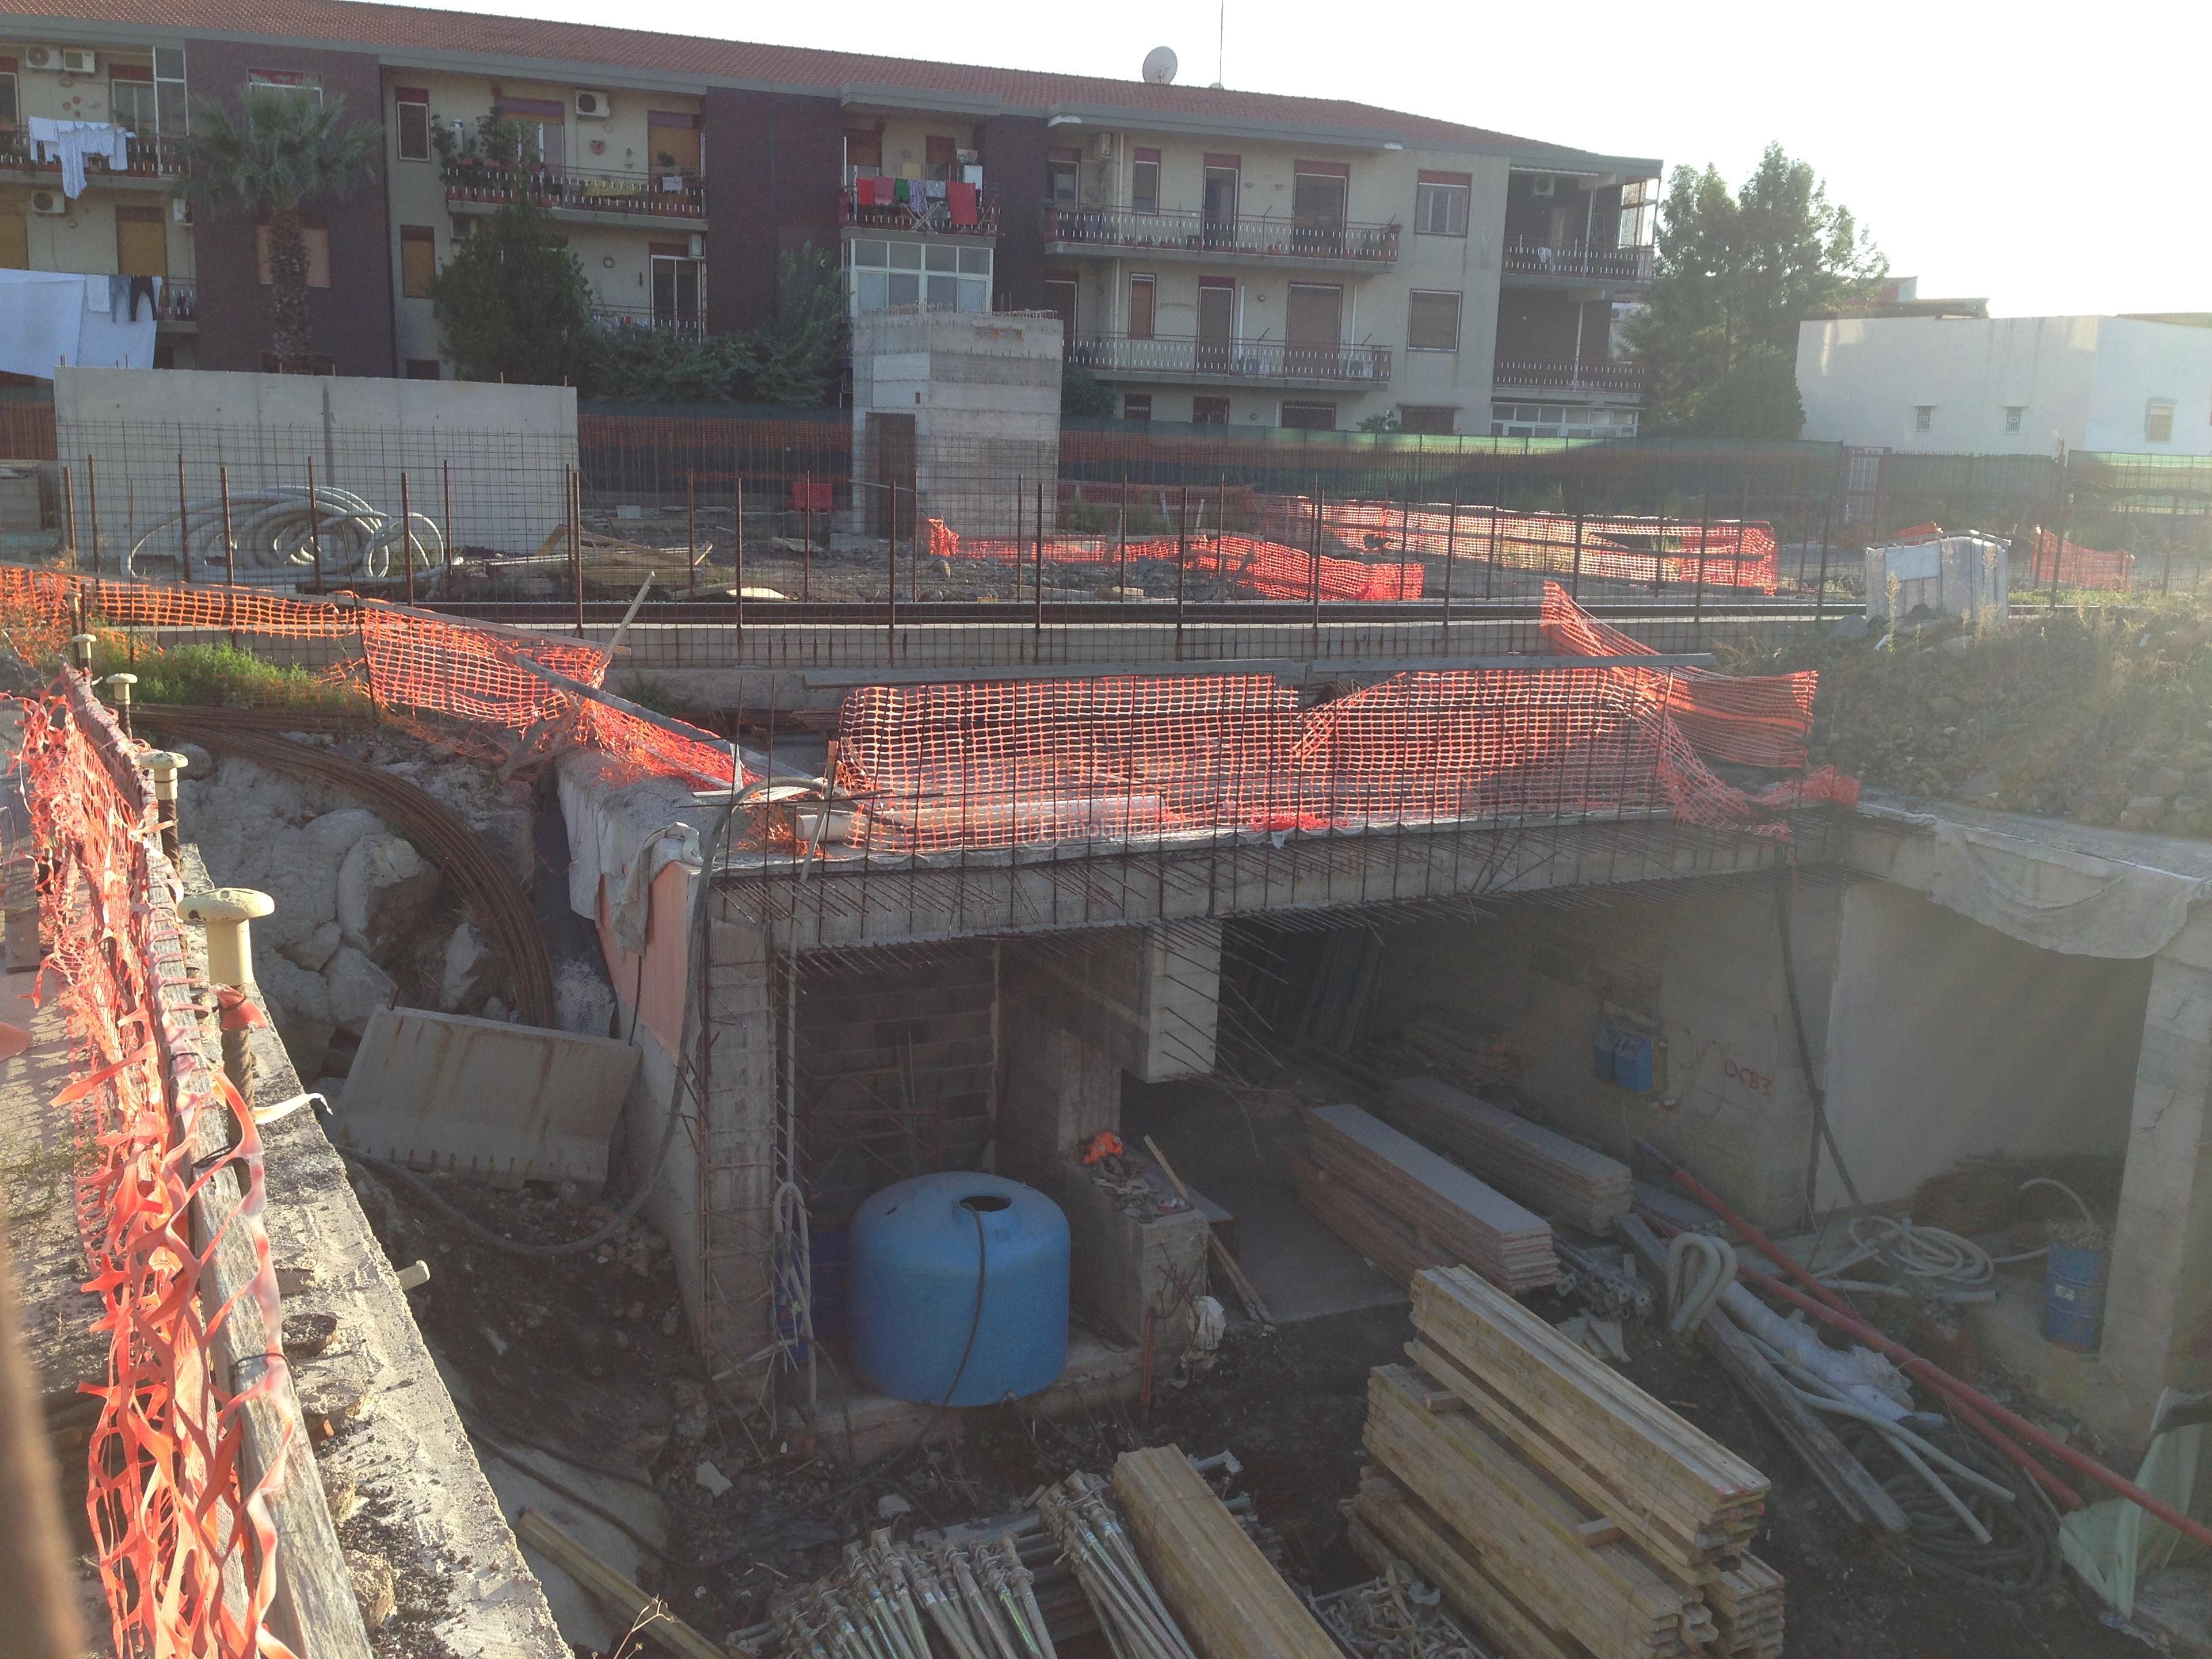 Panoramica del cantiere; sullo sfondo l'ascensore che condurrà alla stazione direttamente dalla superficie [foto Luigi Sciarrone]